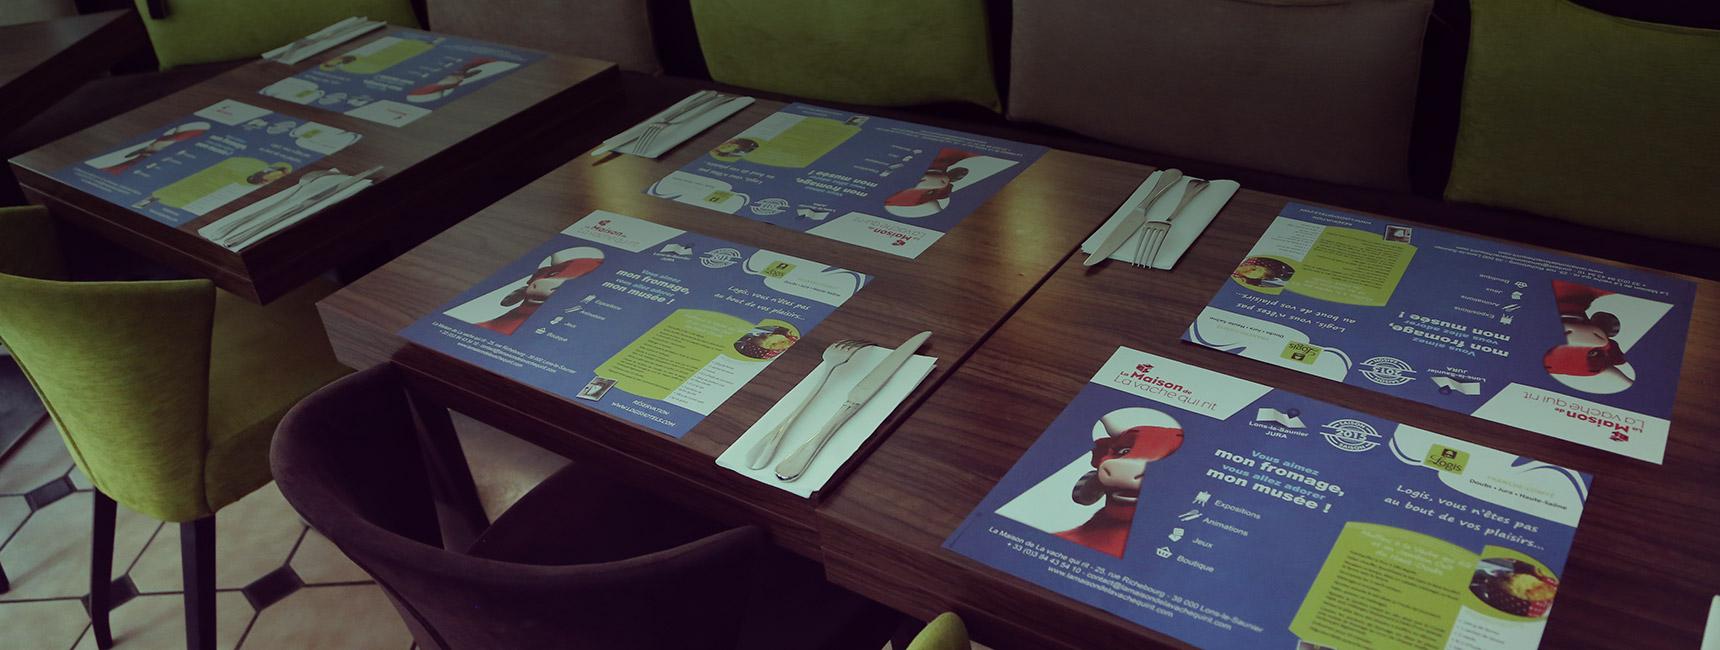 Set de table publicitaire, support tactique - Média tactique - Keemia Bordeaux Agence marketing local en région Aquitaine